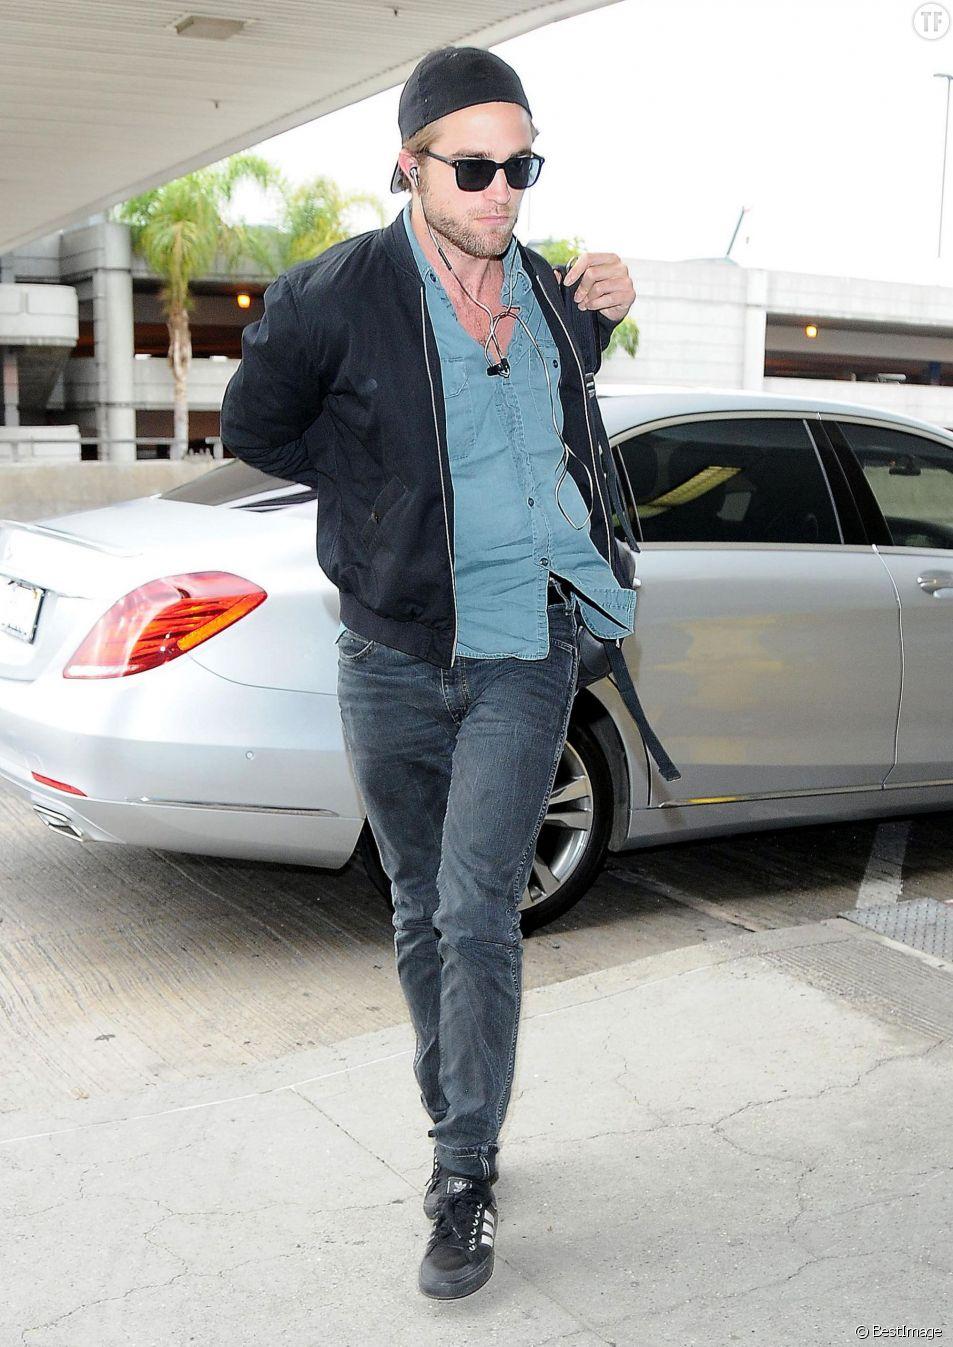 Robert Pattinson arrive à l'aéroport LAX de Los Angeles pour prendre un avion pour Toronto.